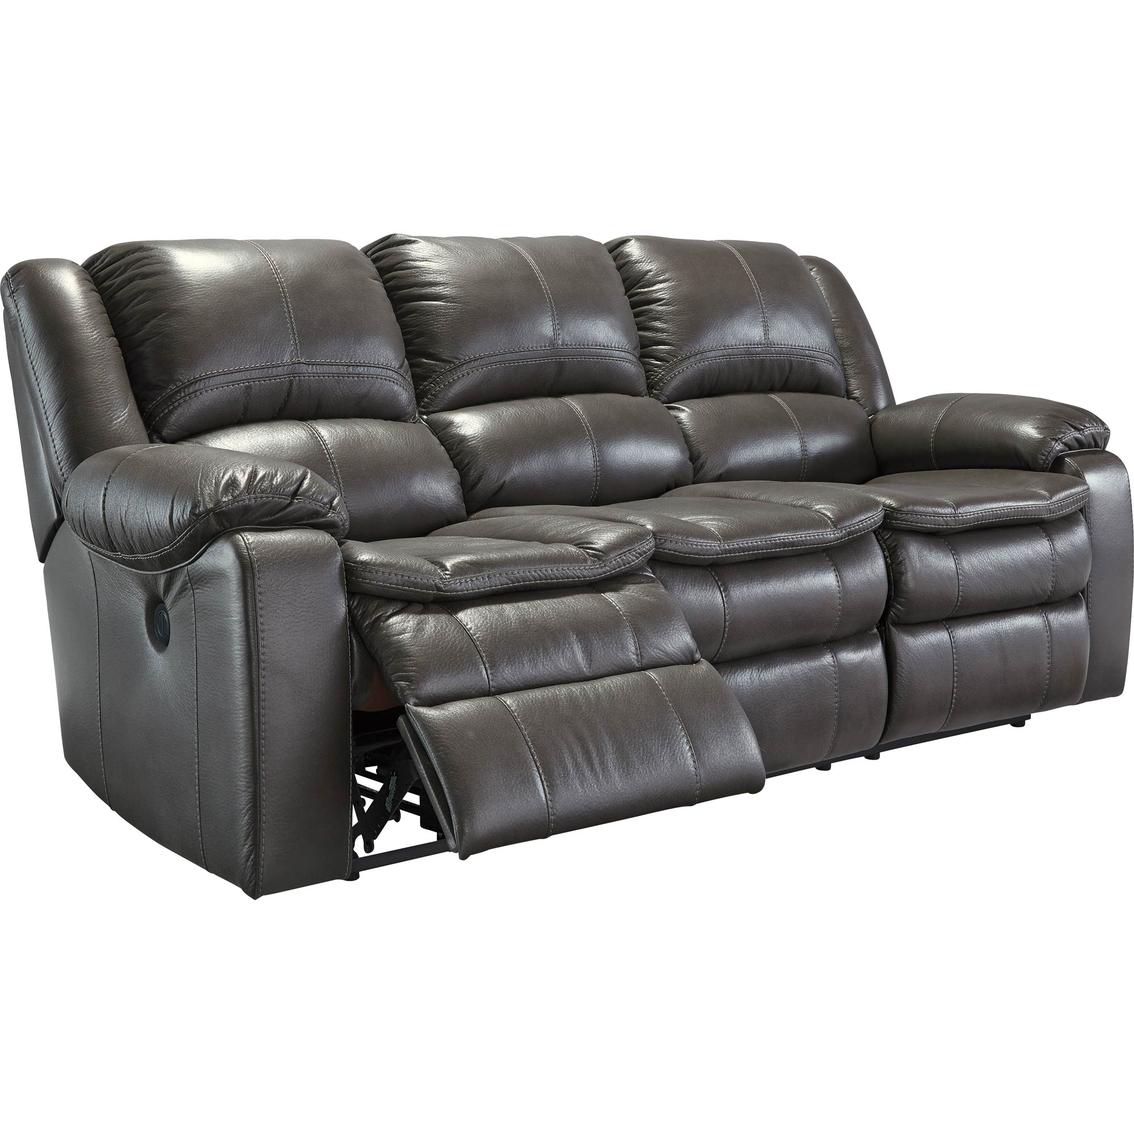 Ashley Longknight Double Reclining Sofa Gray Sofas